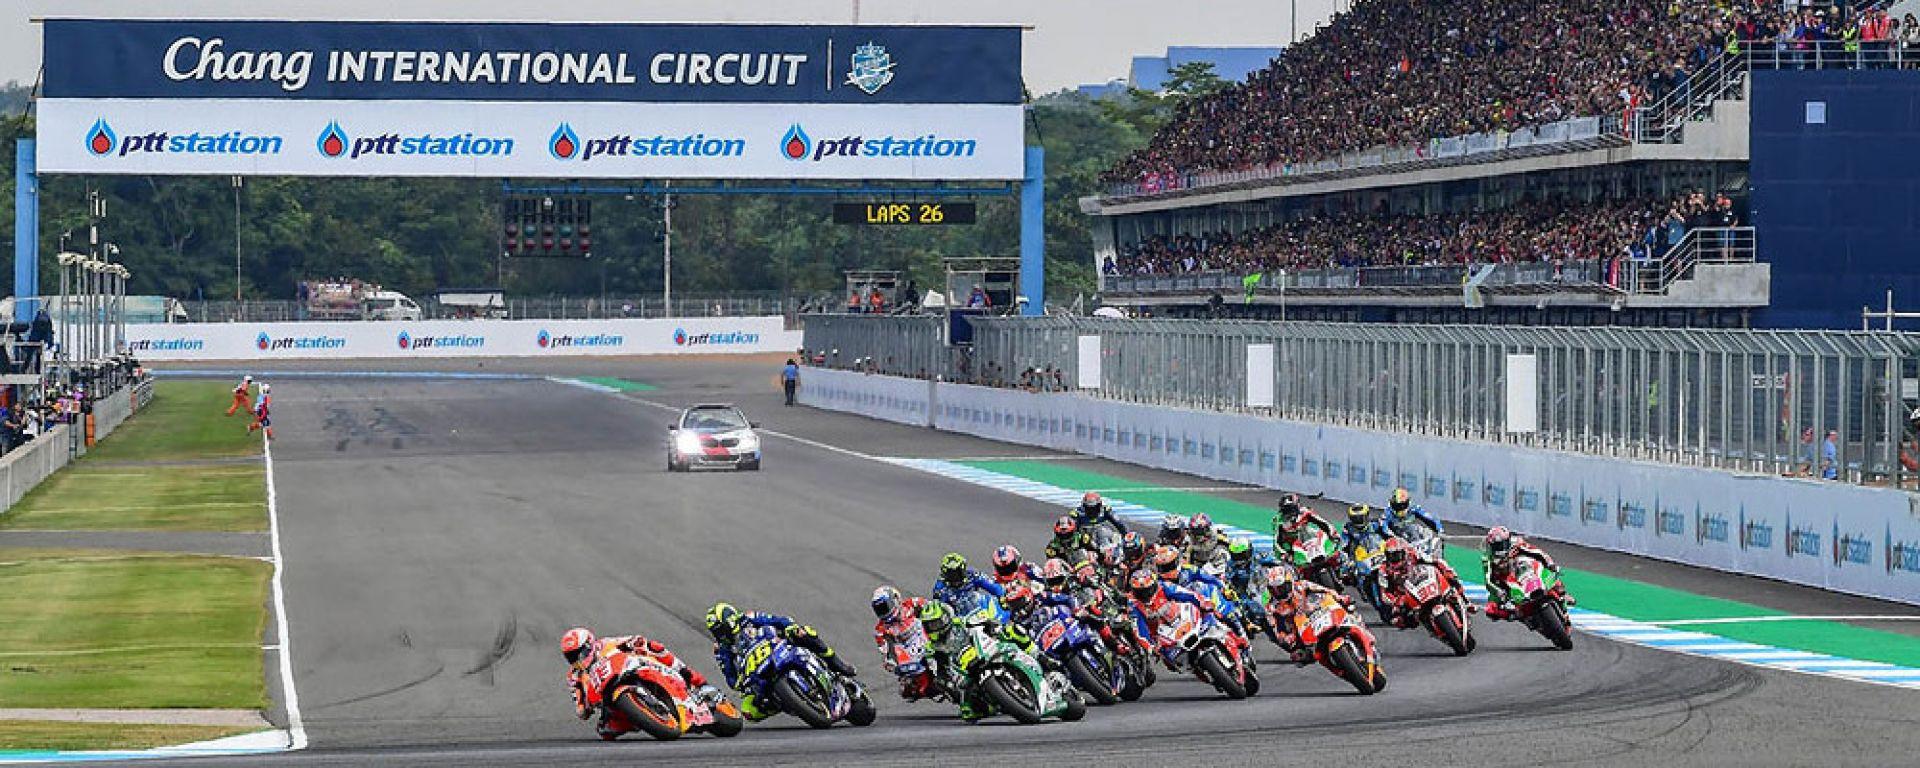 Partenza MotoGP Thailandia 2019